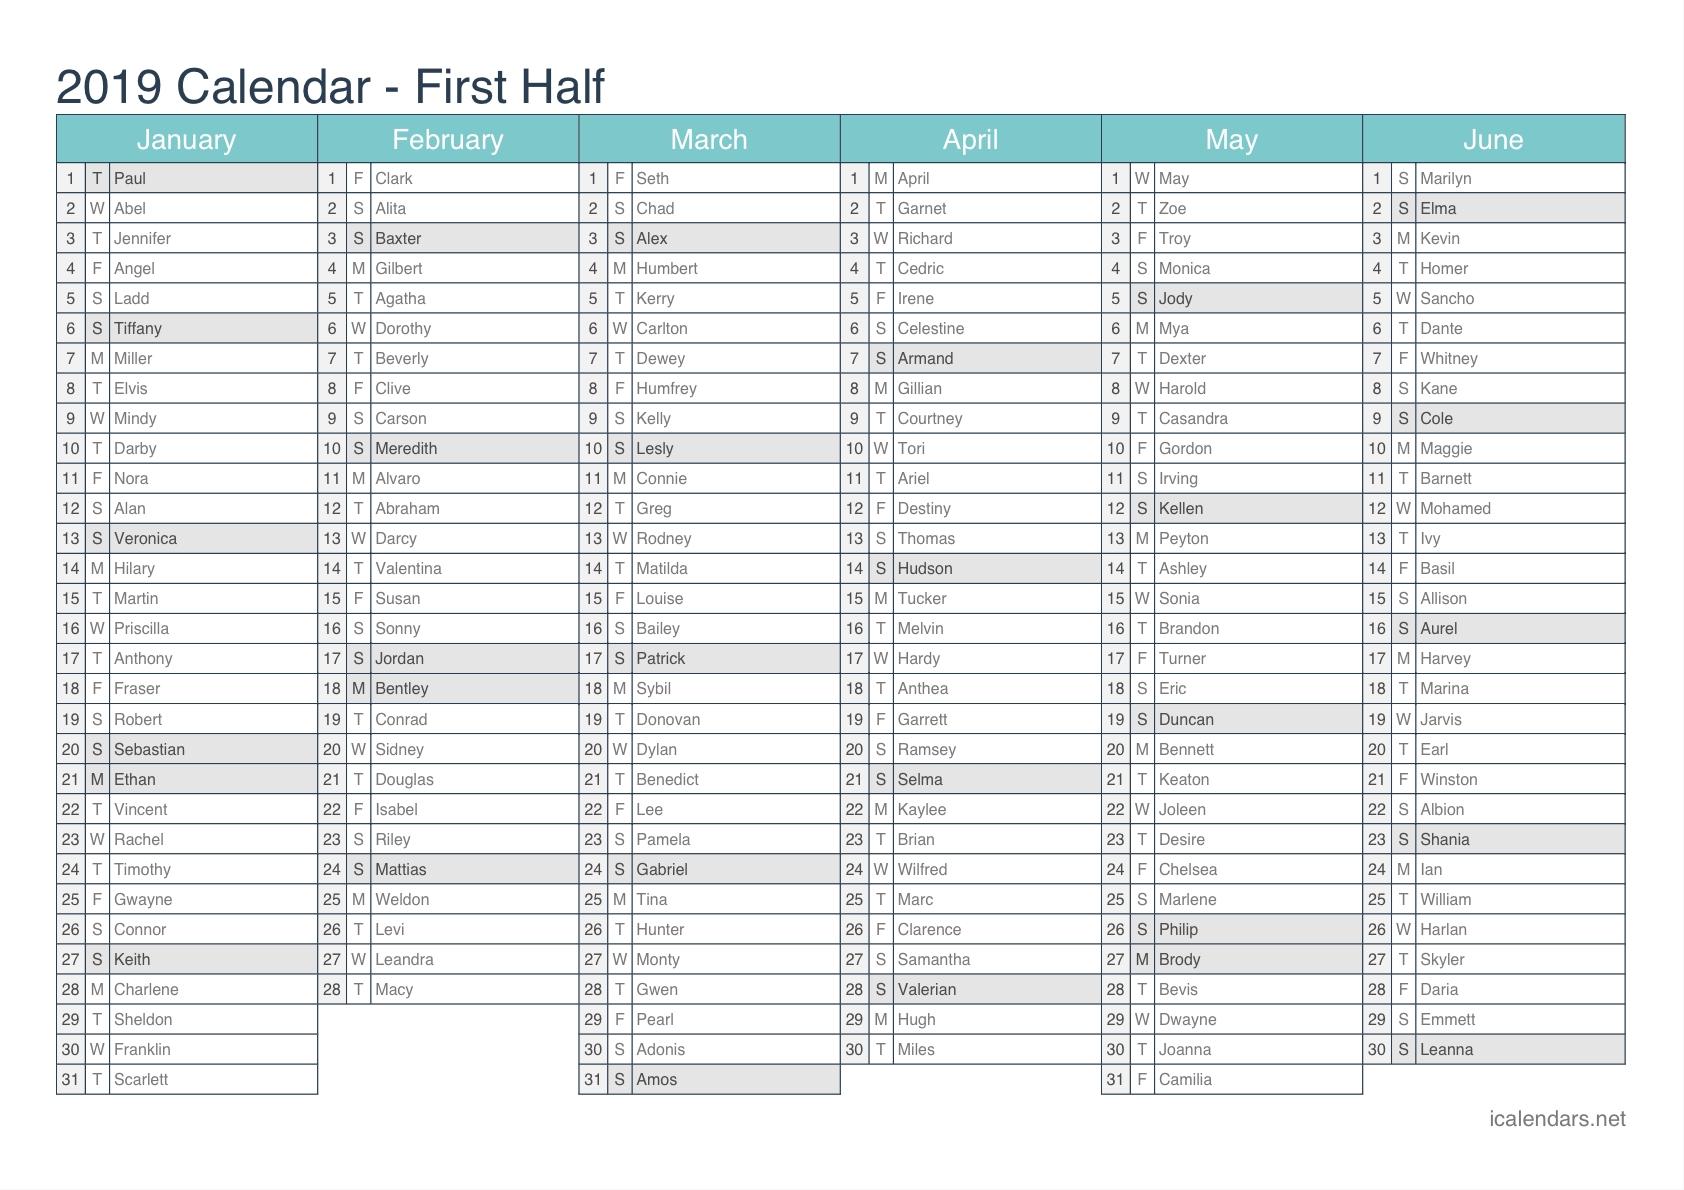 2019 Printable Calendar - Pdf Or Excel - Icalendars Calendar 2019 Excel By Week